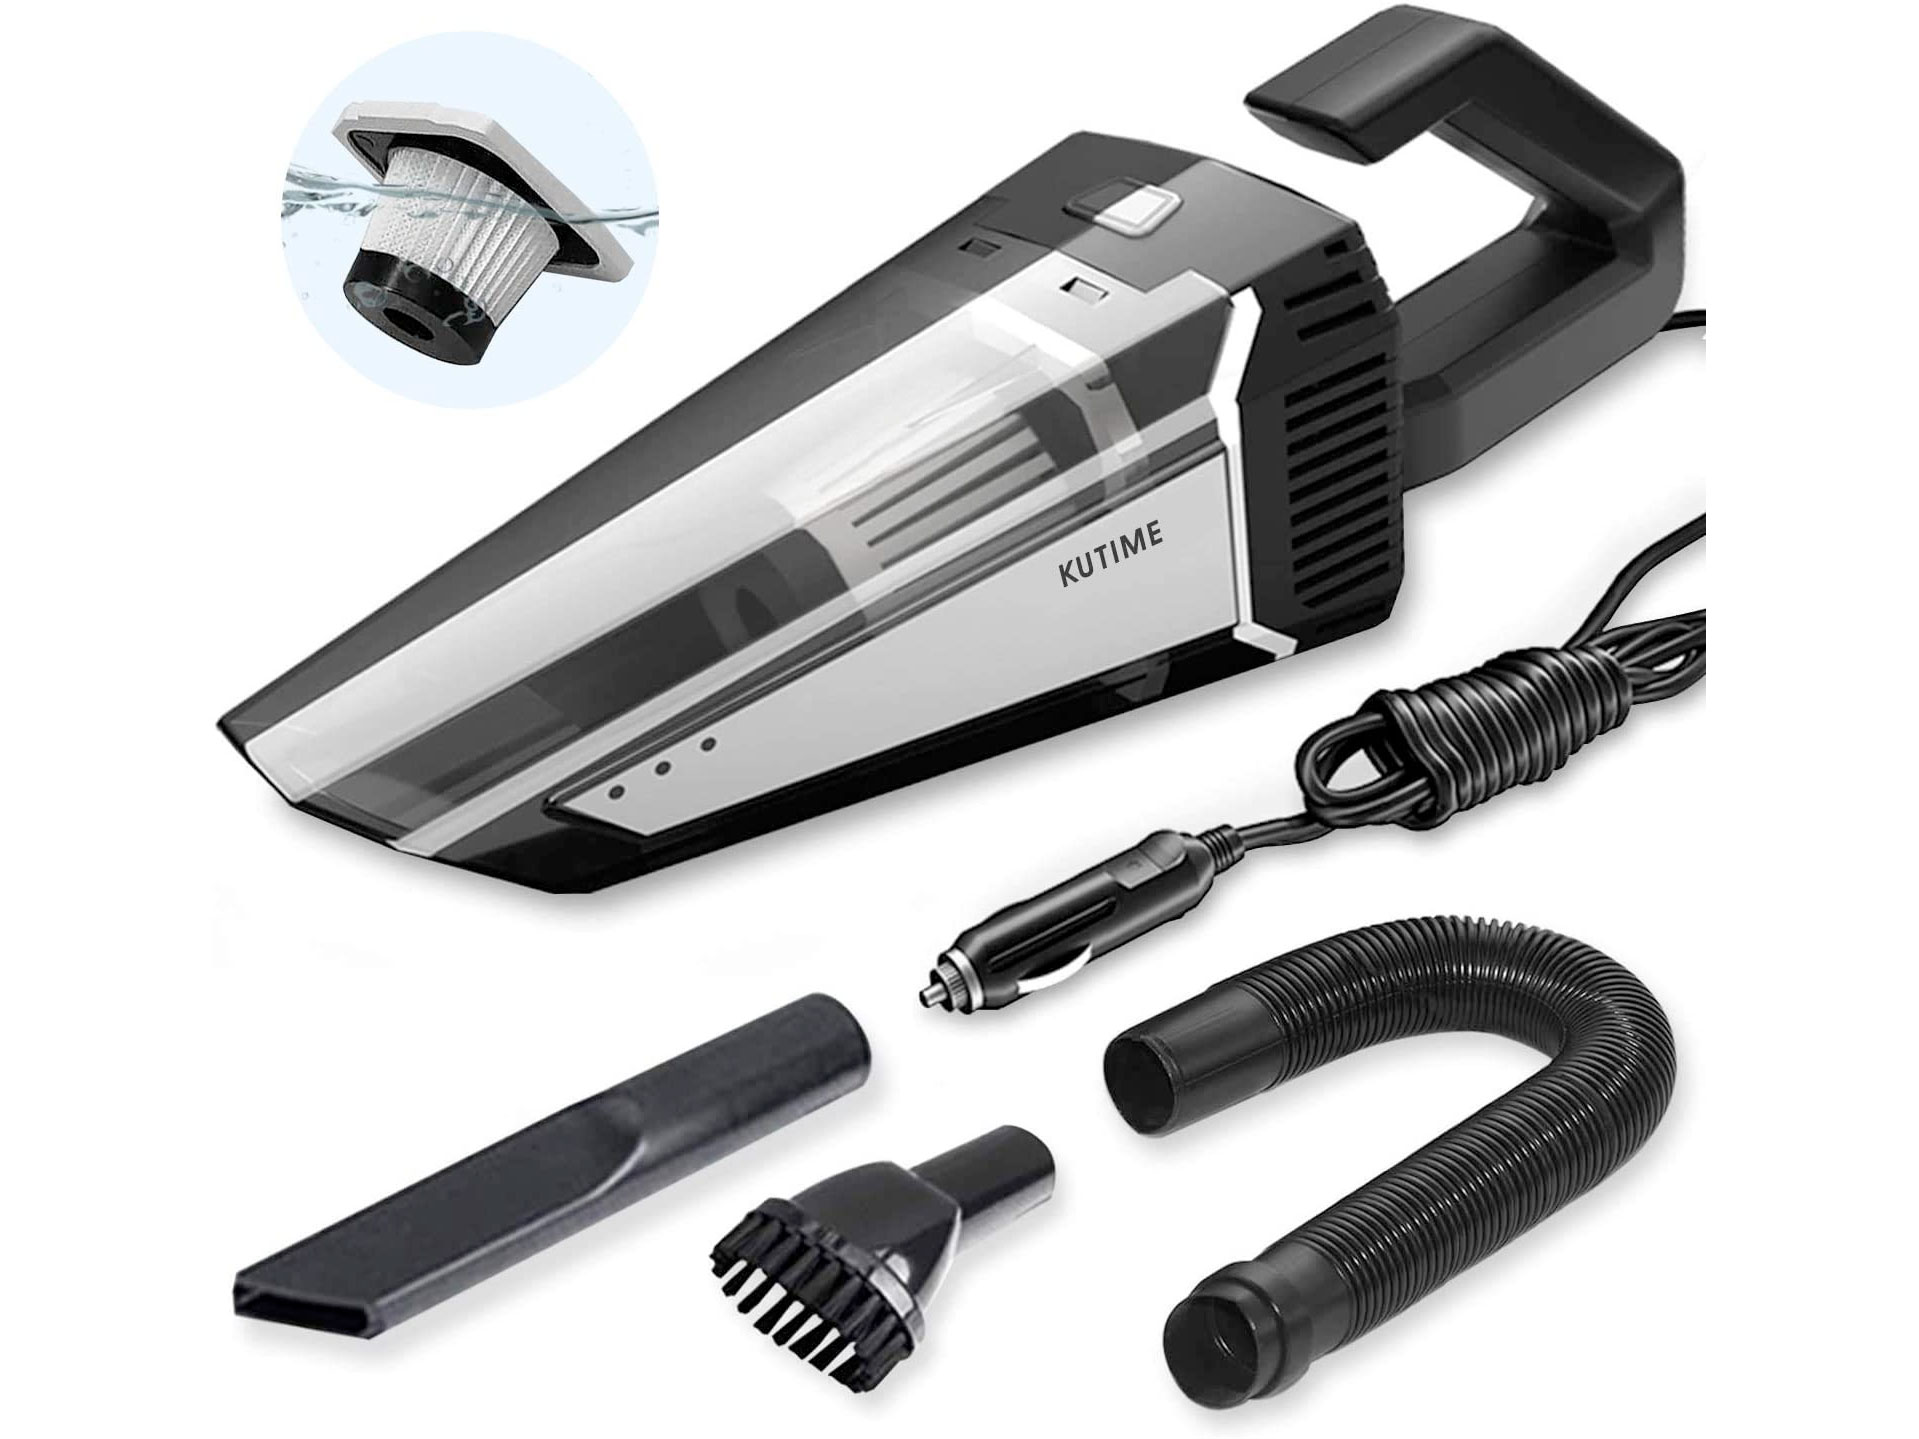 Amazon:KUTIME Car Vacuum Cleaner只賣$19.69